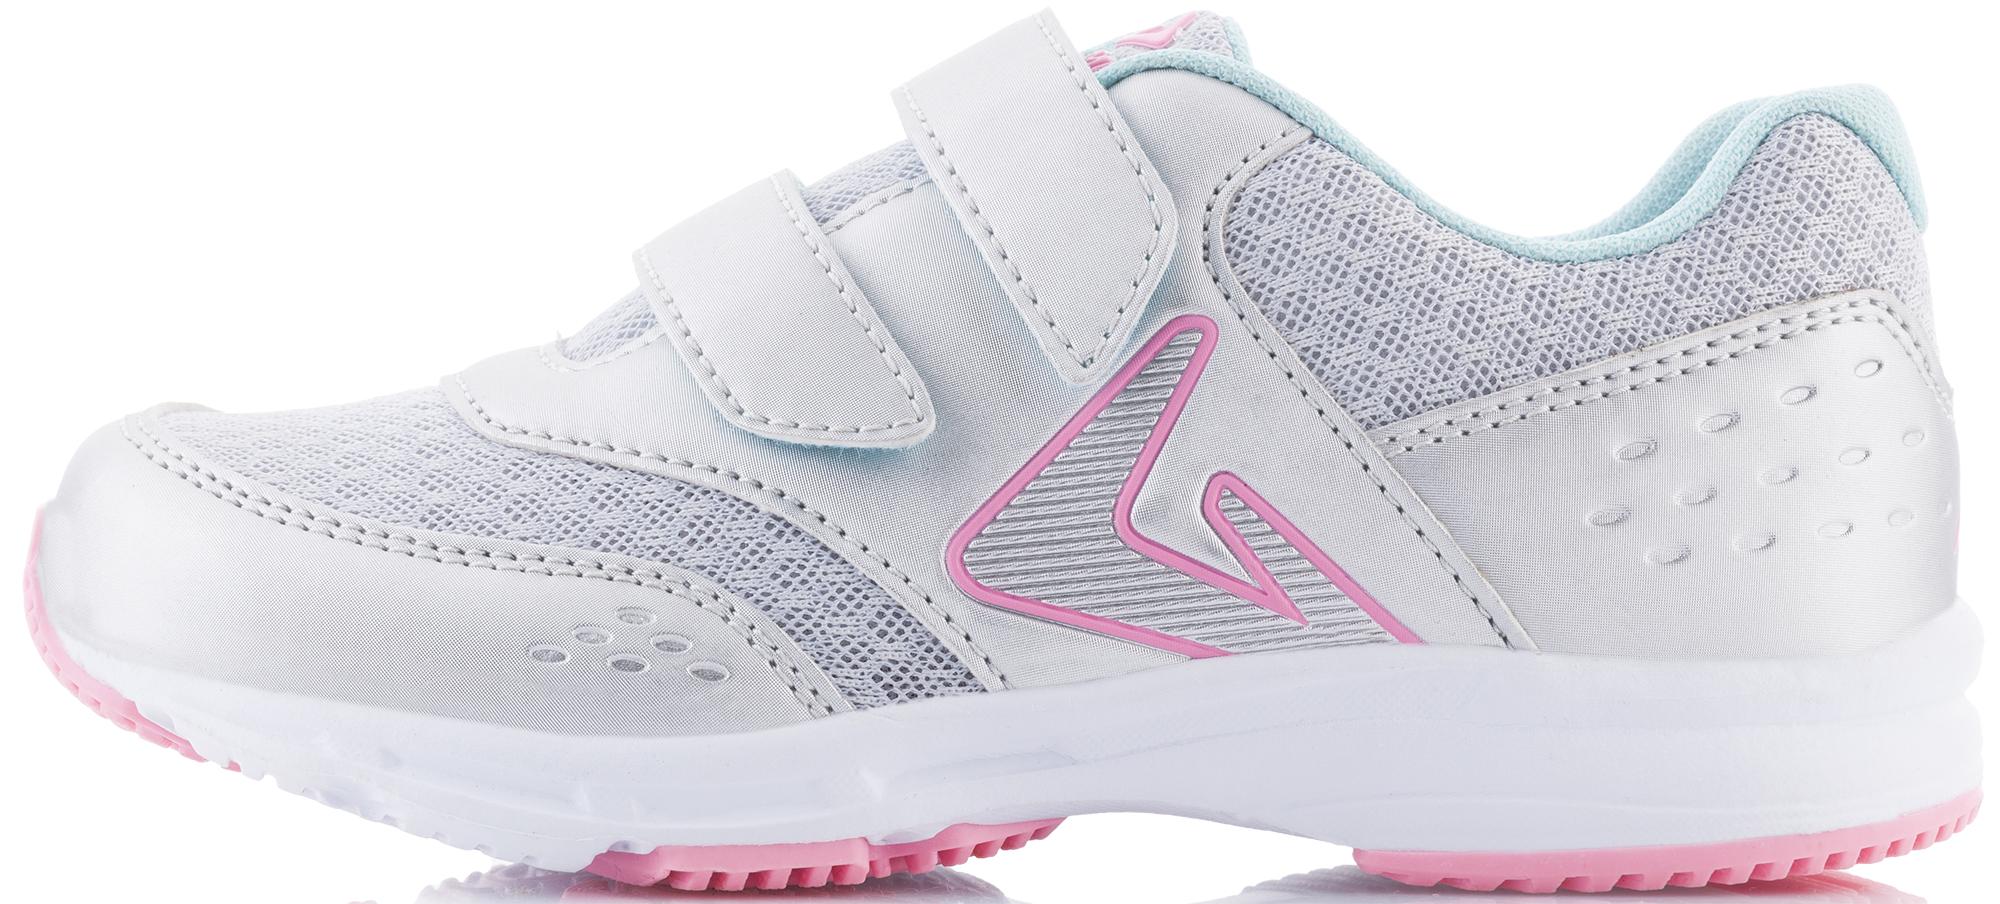 Demix Кроссовки для девочек Demix Lider детские кожаные кроссовки для девочек